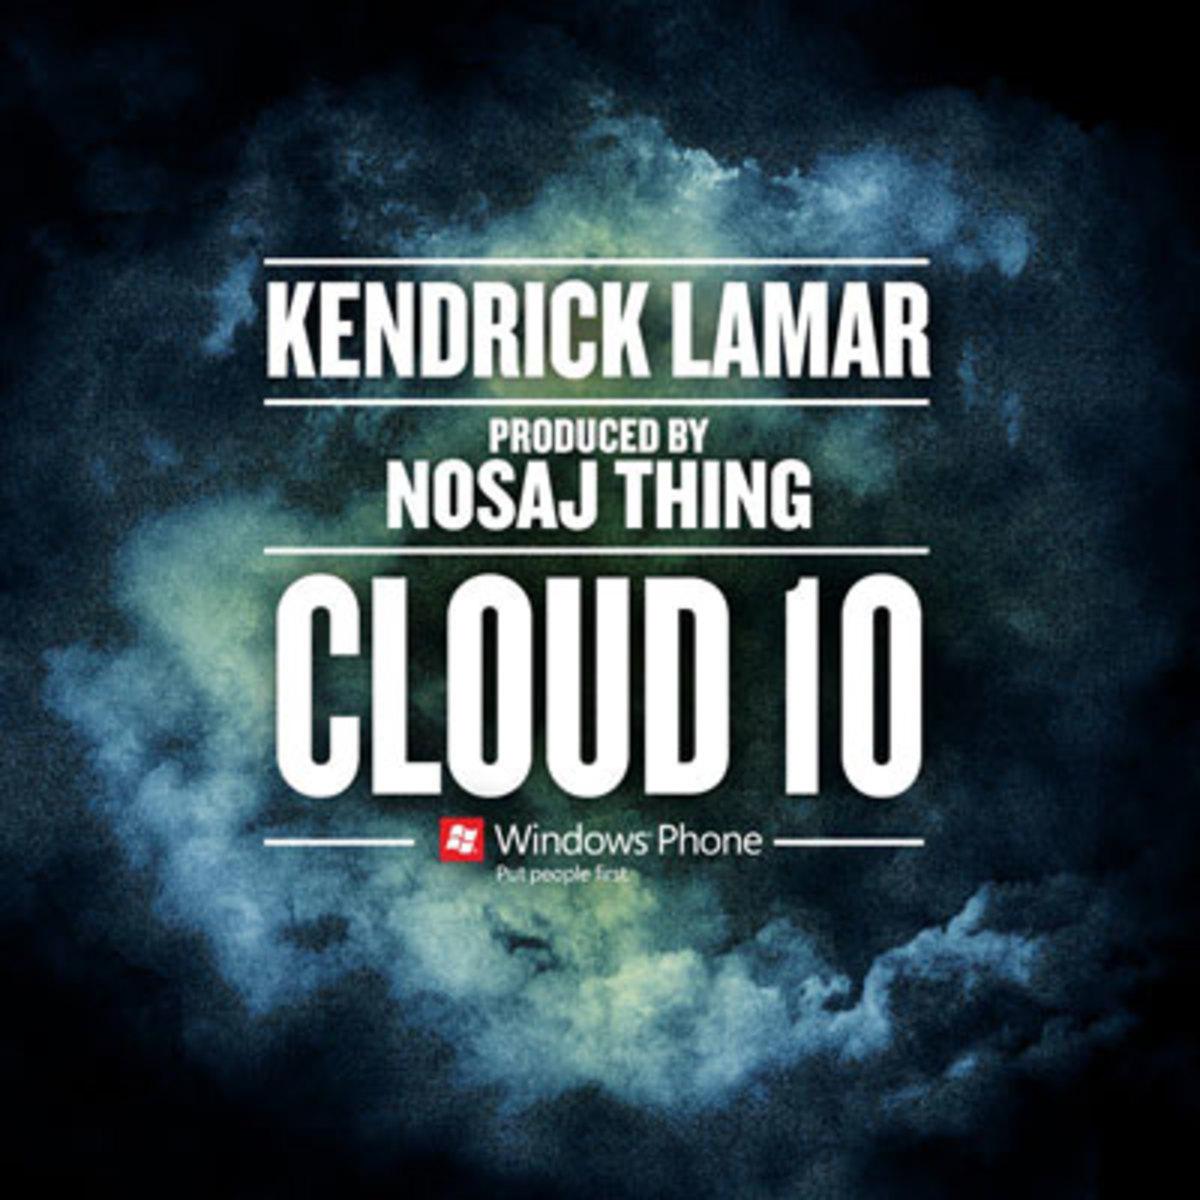 kendricklamar-cloud10.jpg